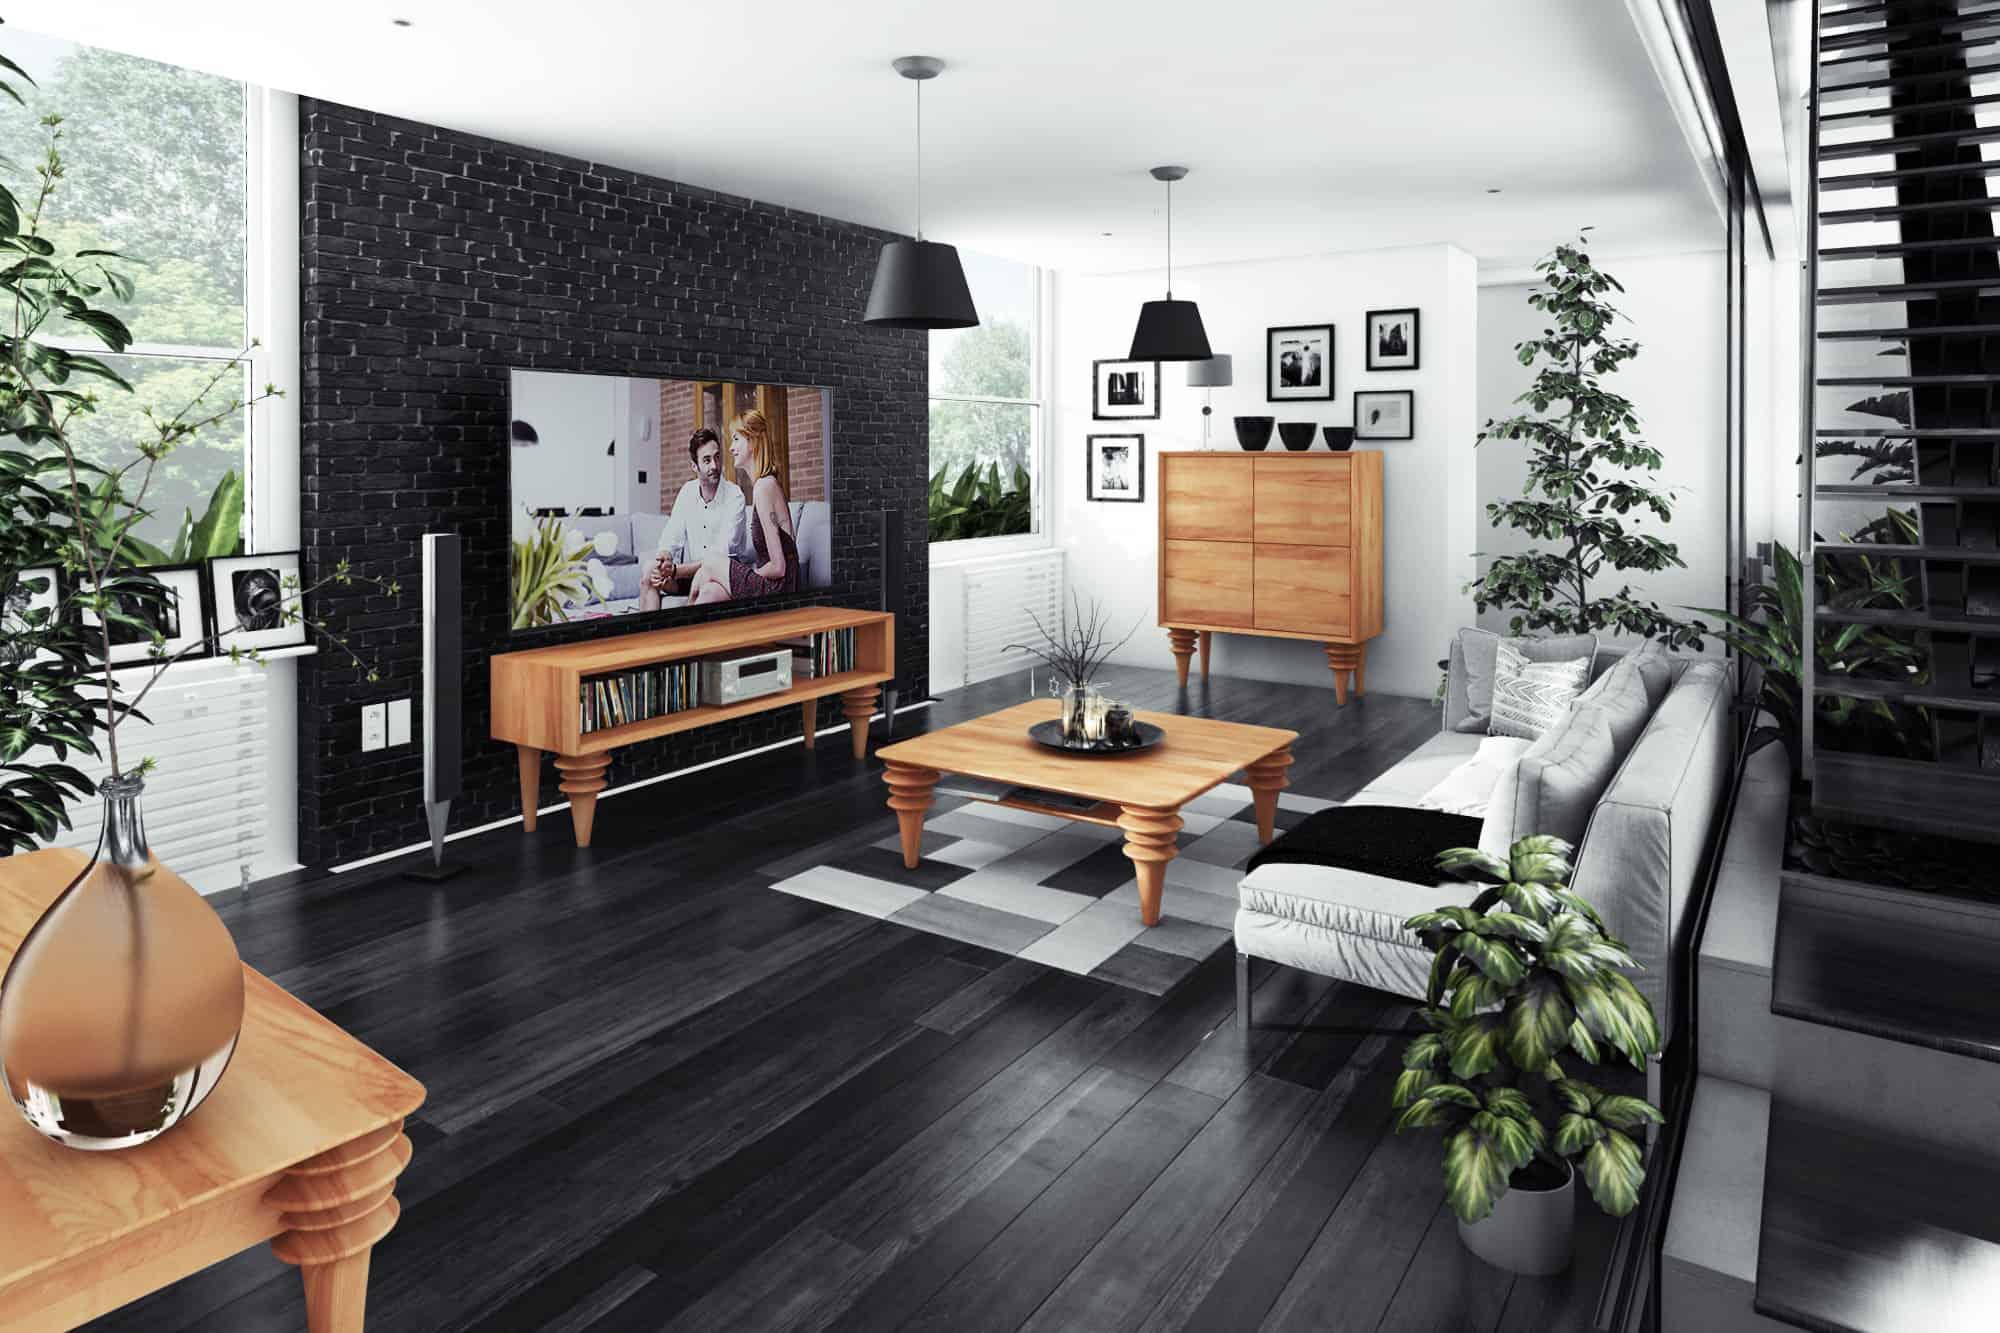 Dwukondygnacyjne mieszkanie z atrium - PANORAMA 360° powiększenie